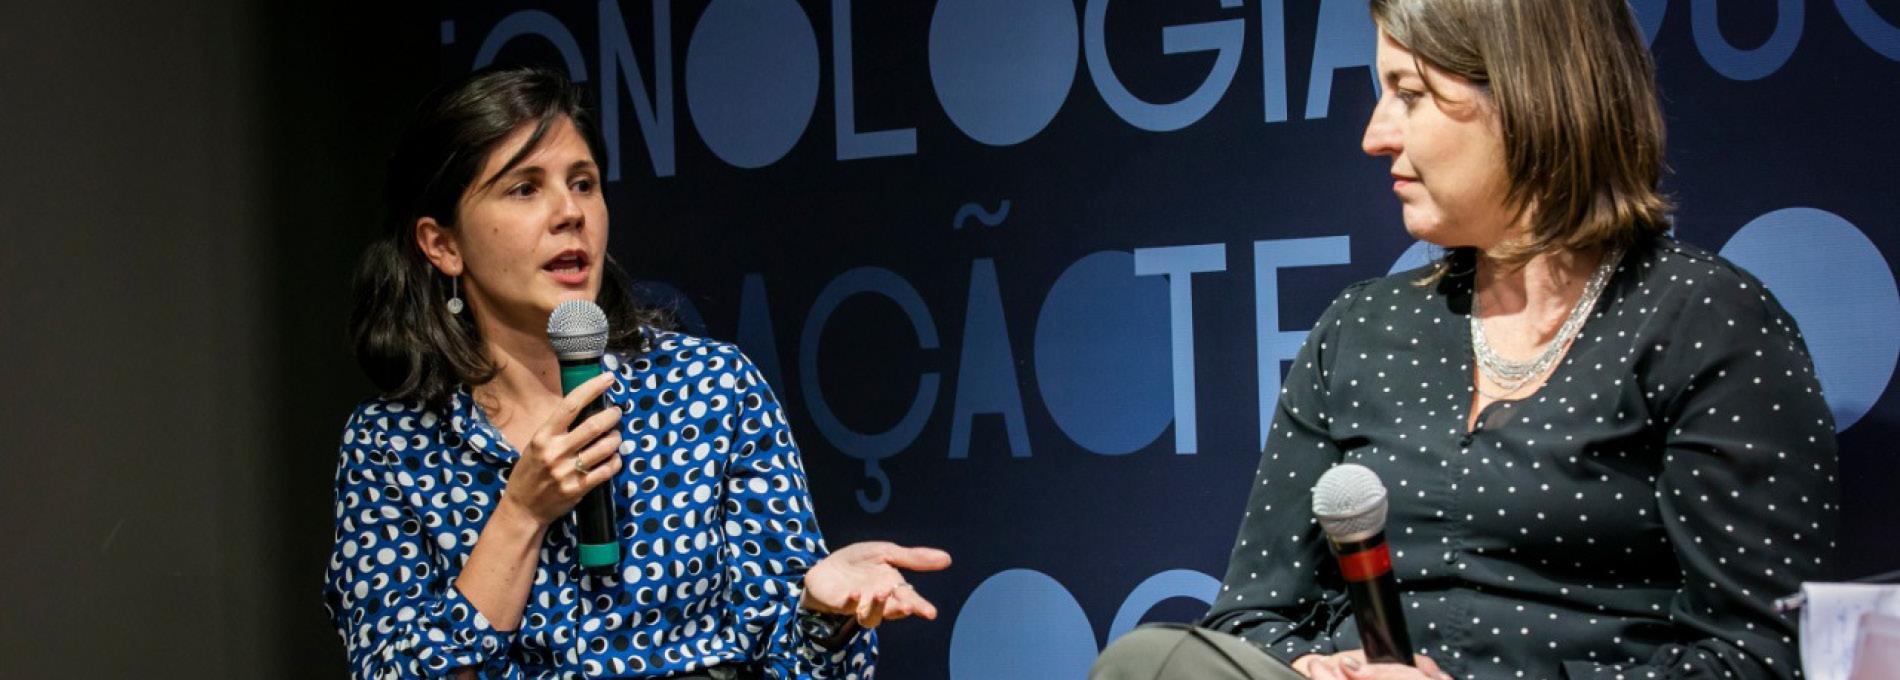 IBM: recolocação profissional e o cidadão do futuro